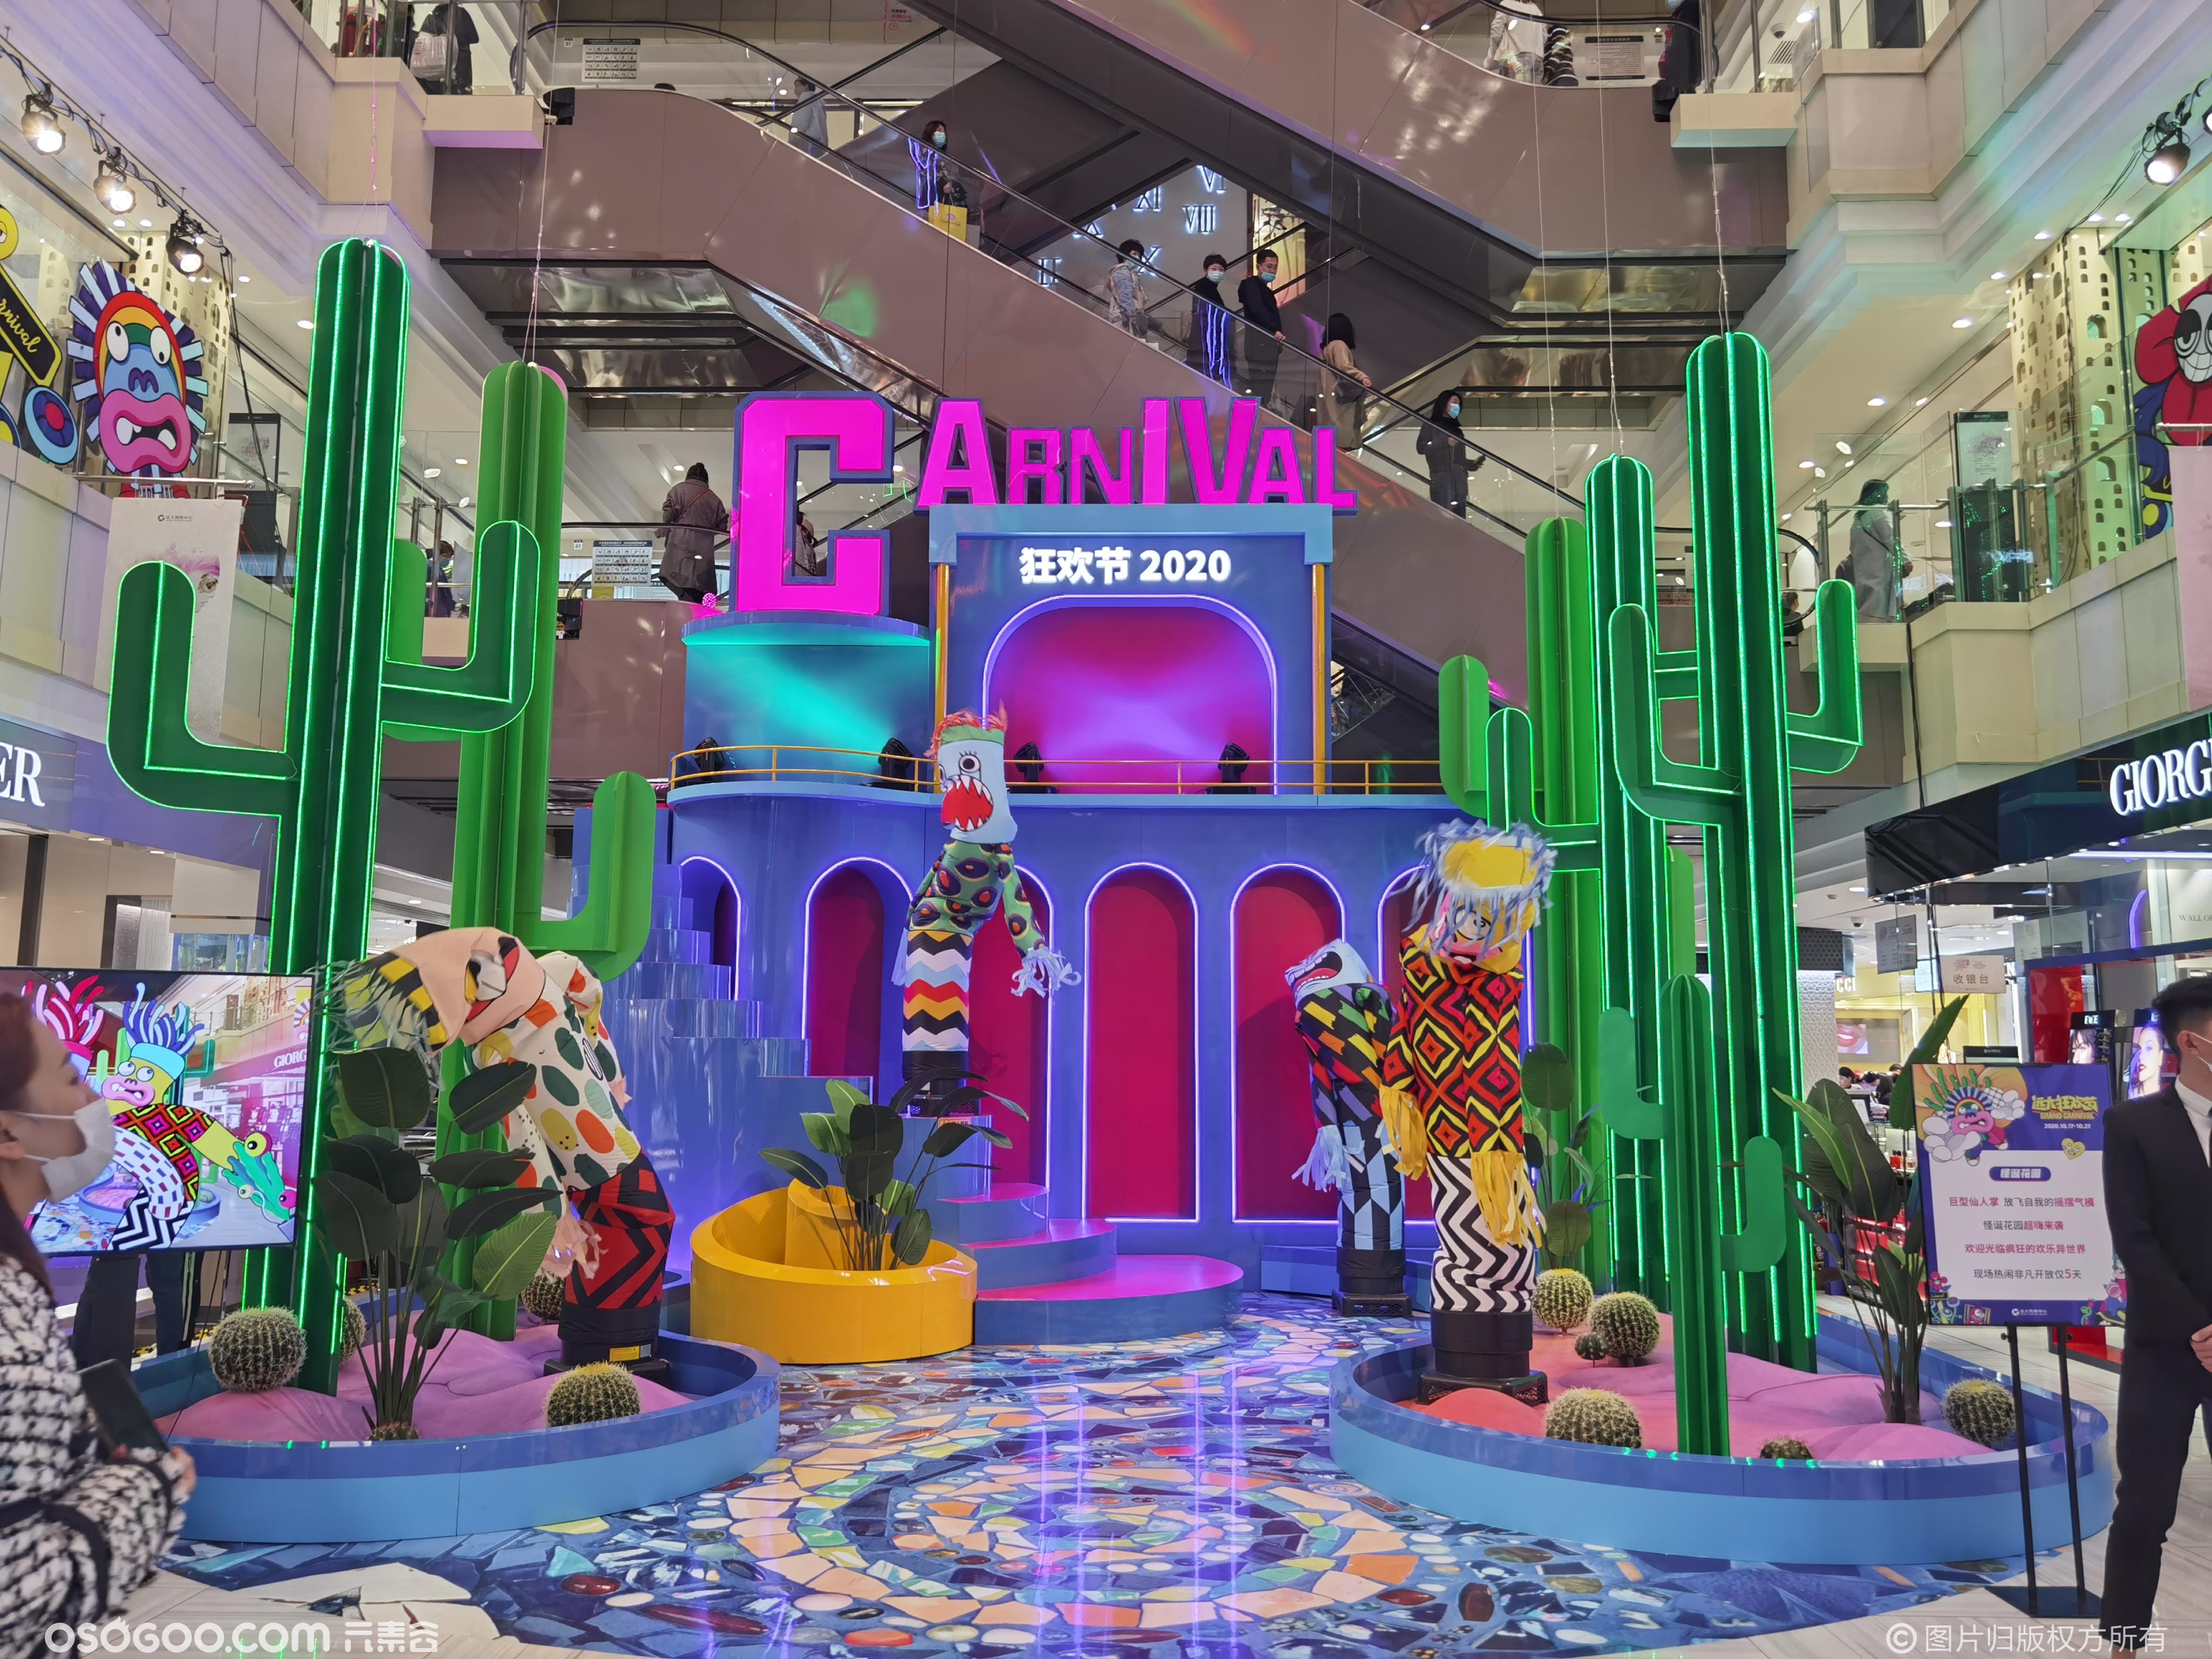 哈尔滨远大万圣节装饰中庭悬挂大型鬼头跳舞的小鬼